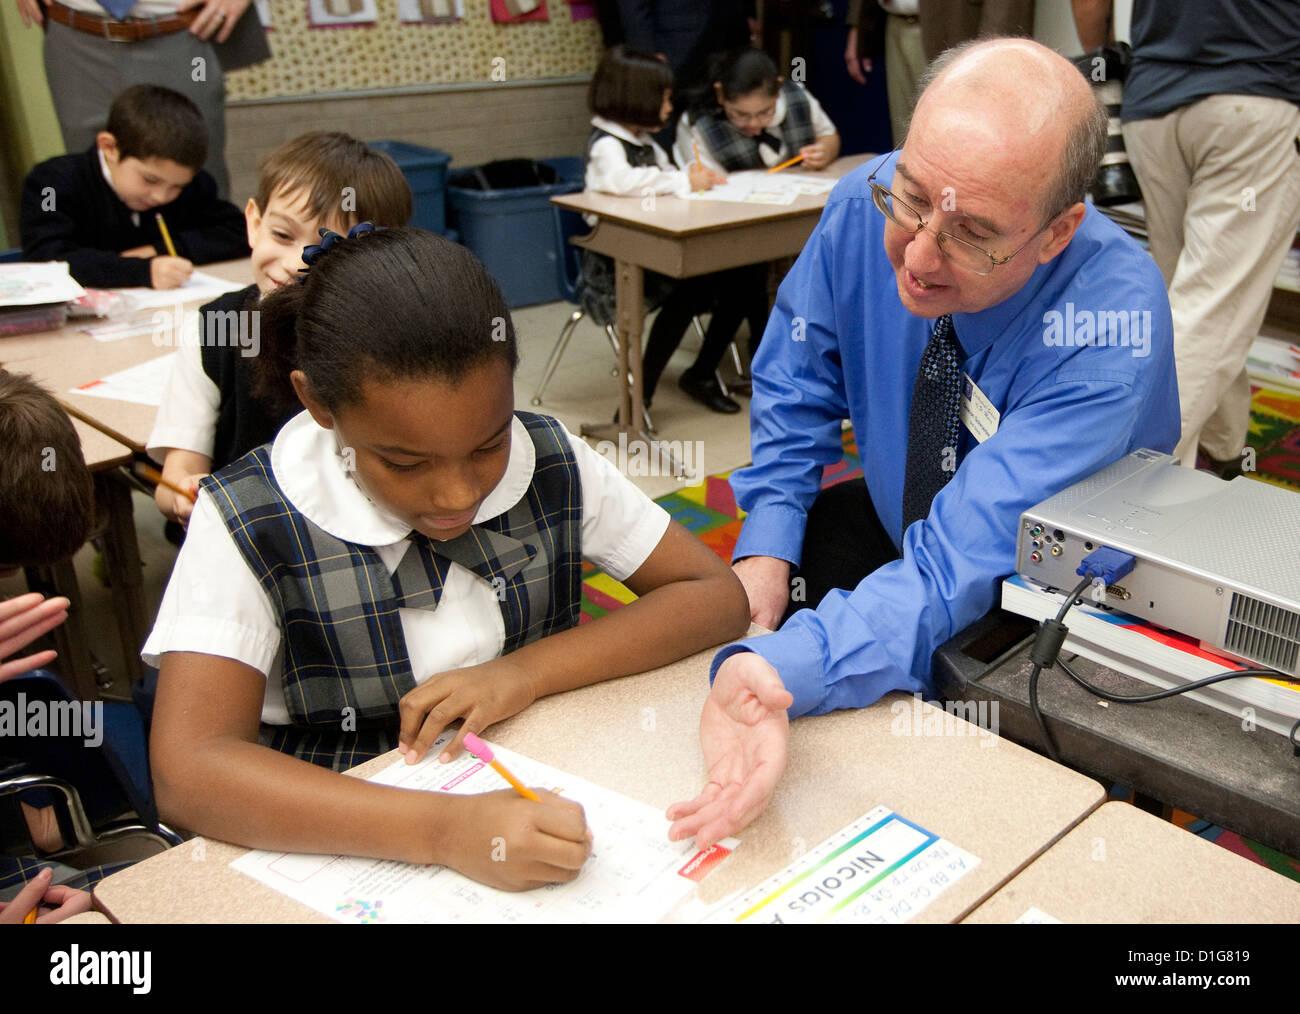 Mâle blanc aide les enseignants et les étudiants afro-américains Anglo en uniforme à l'école Photo Stock